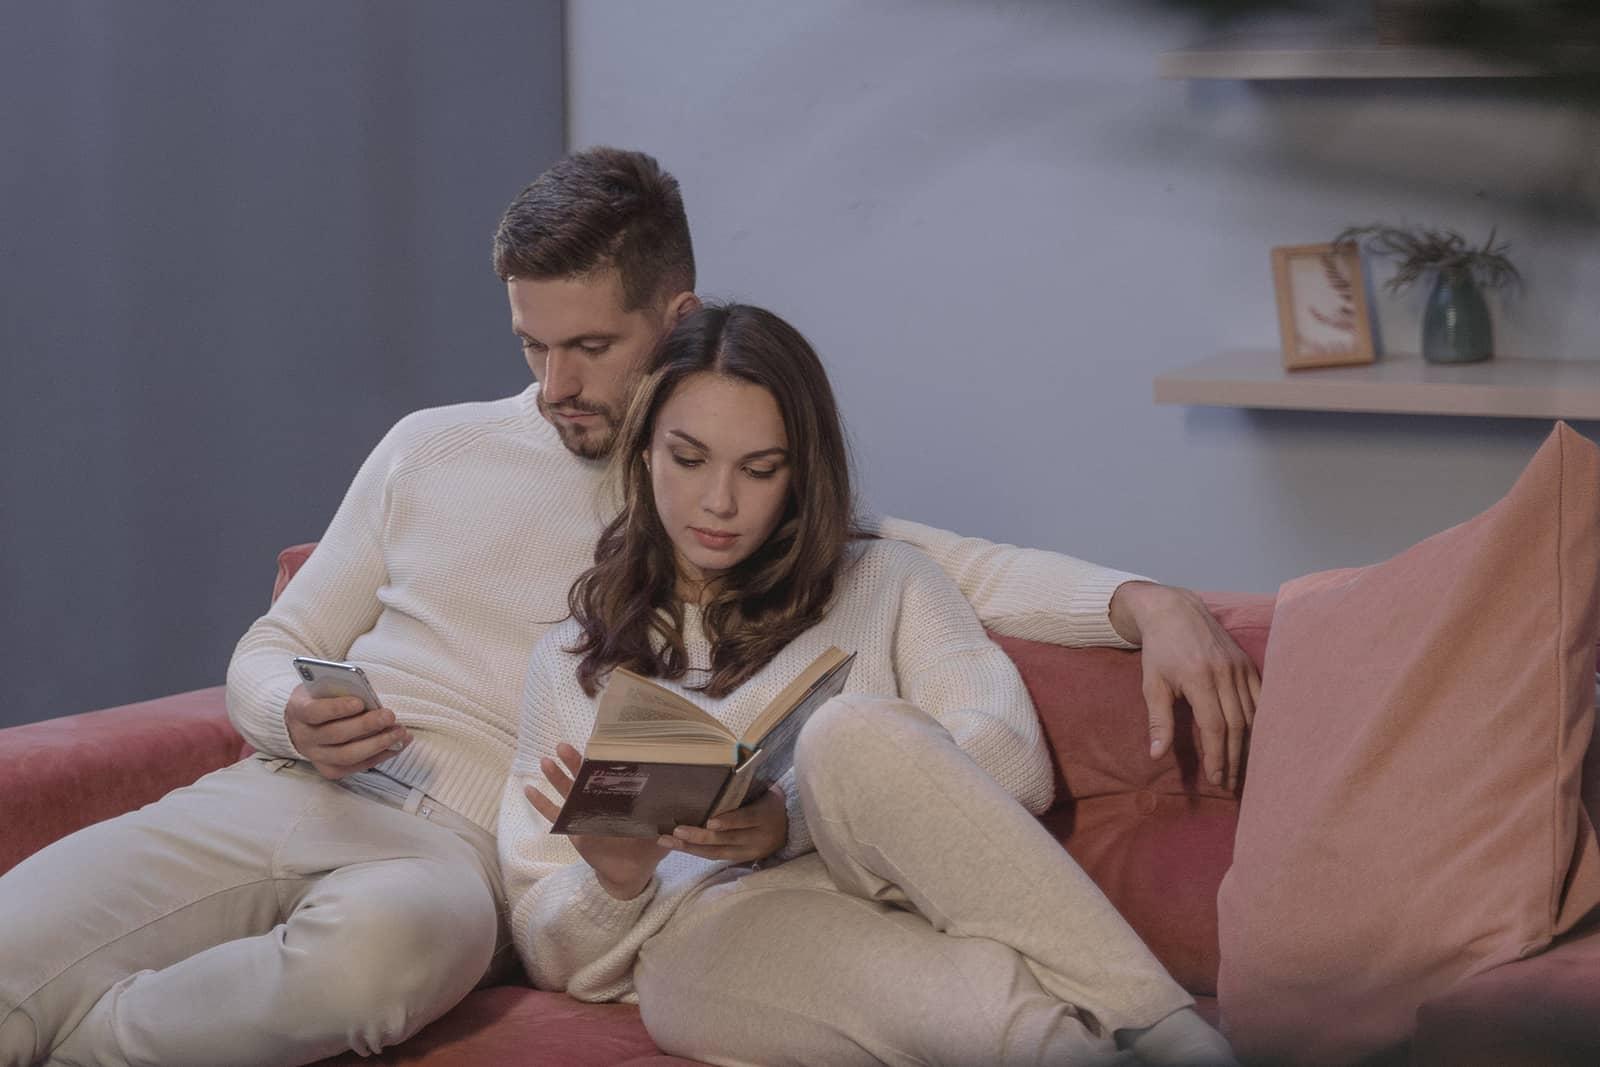 Eine Frau liest ein Buch und ein Mann benutzt sein Smartphone, während sie zusammen auf der Couch sitzen